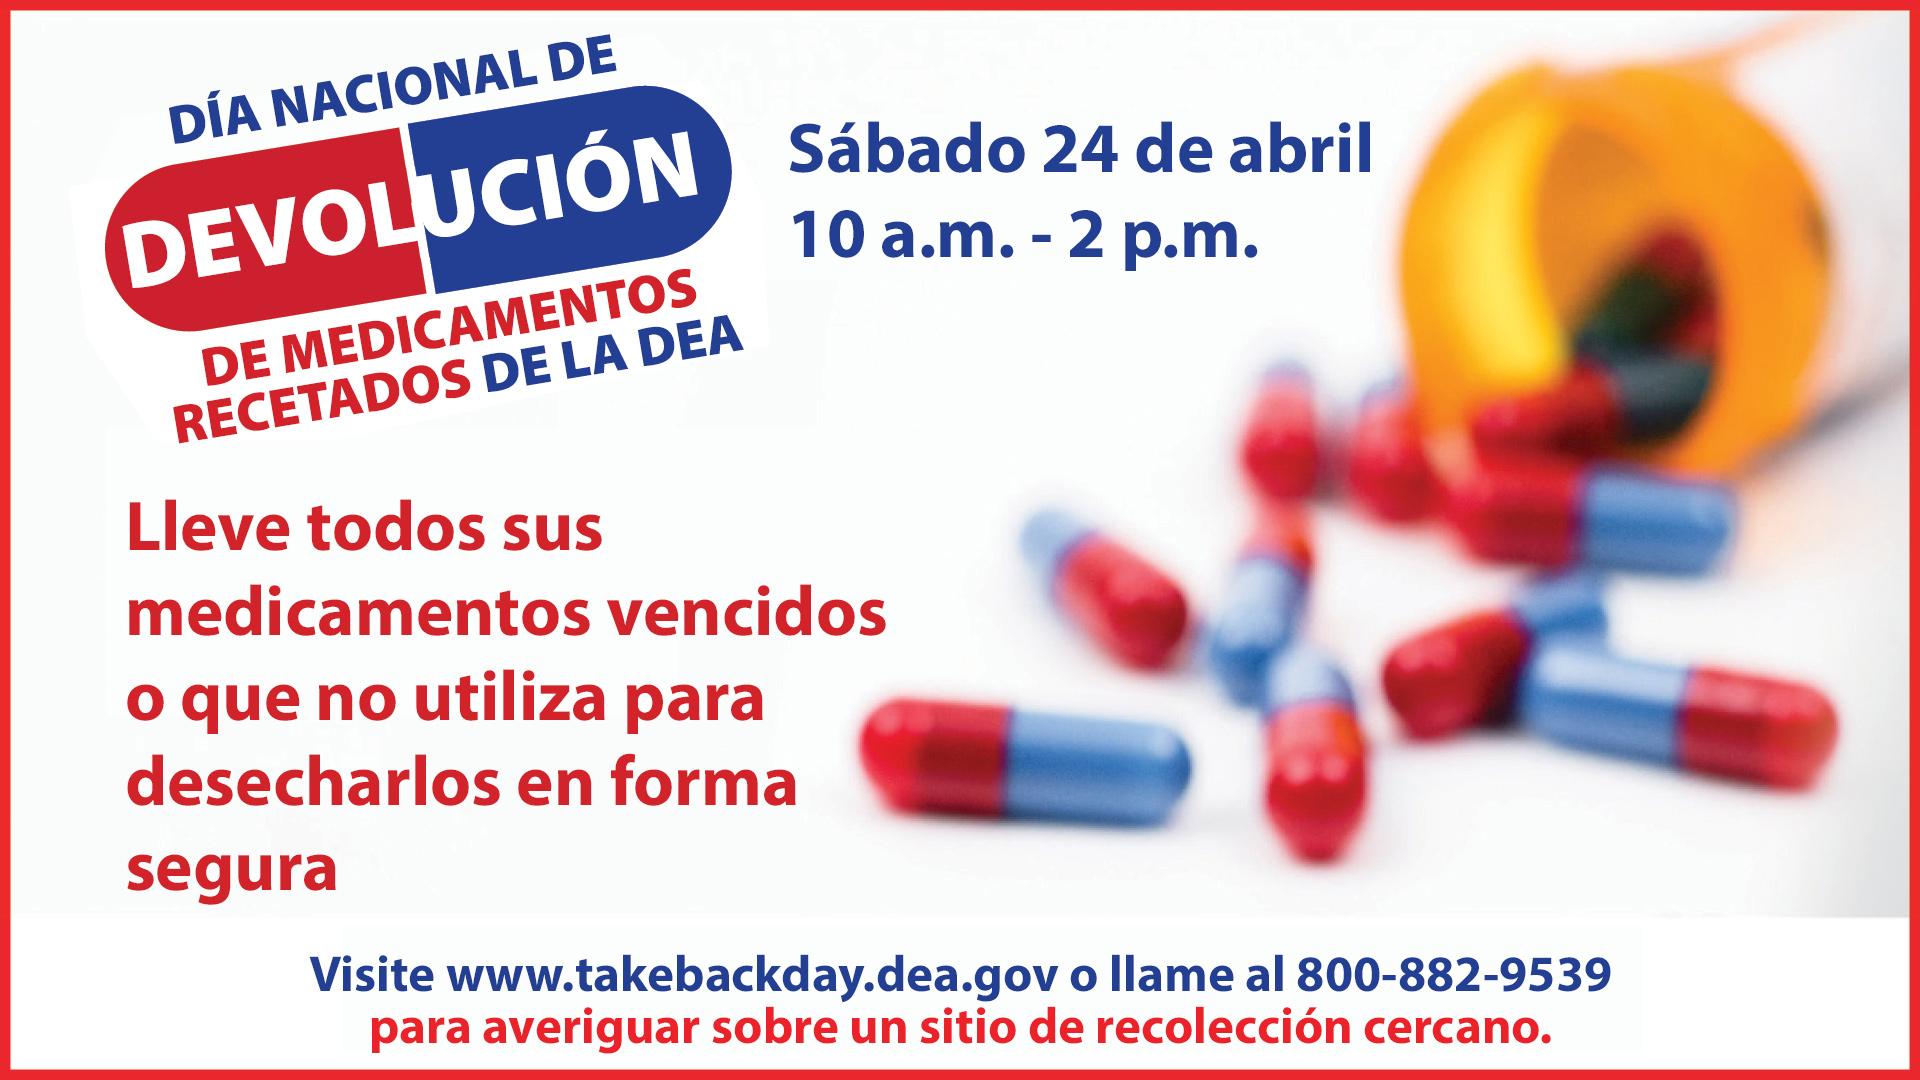 Día de Devolución de Medicamentos Recetados, sábado24 de abril, de 10 a.m. a 2 p.m. Lleve todos sus medicamentos vencidos o que no utiliza para desecharlos en forma segura. Visite www.takebackday.dea.gov o llame al 800-882-9539 paraconocer un sitio de recolección cercano.